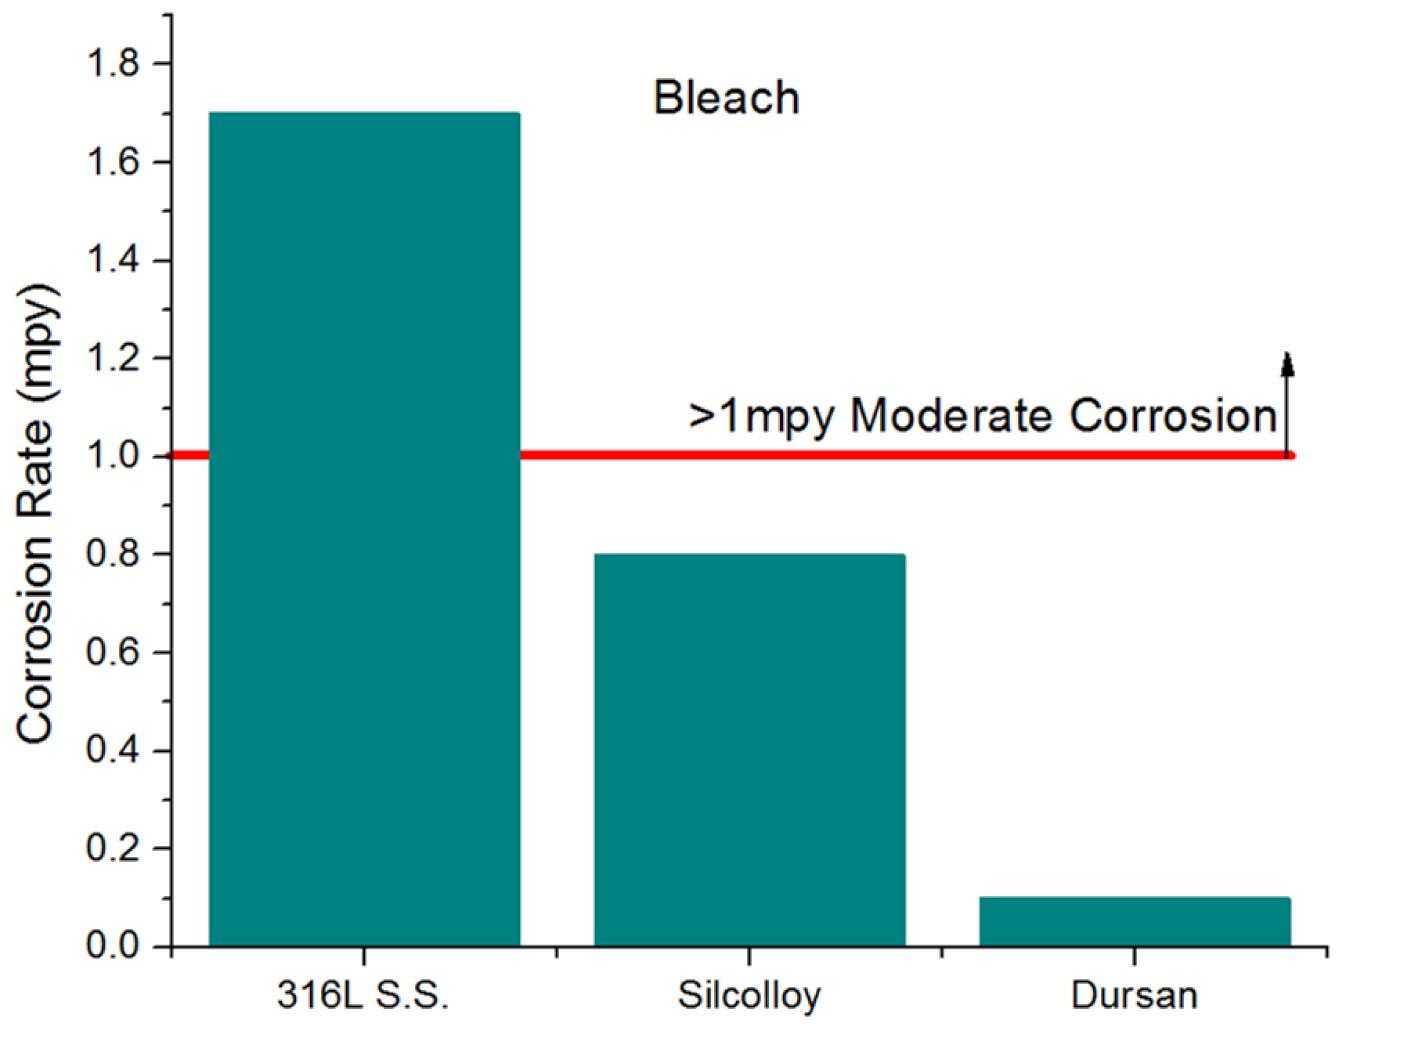 Dursan_bleach_comparison